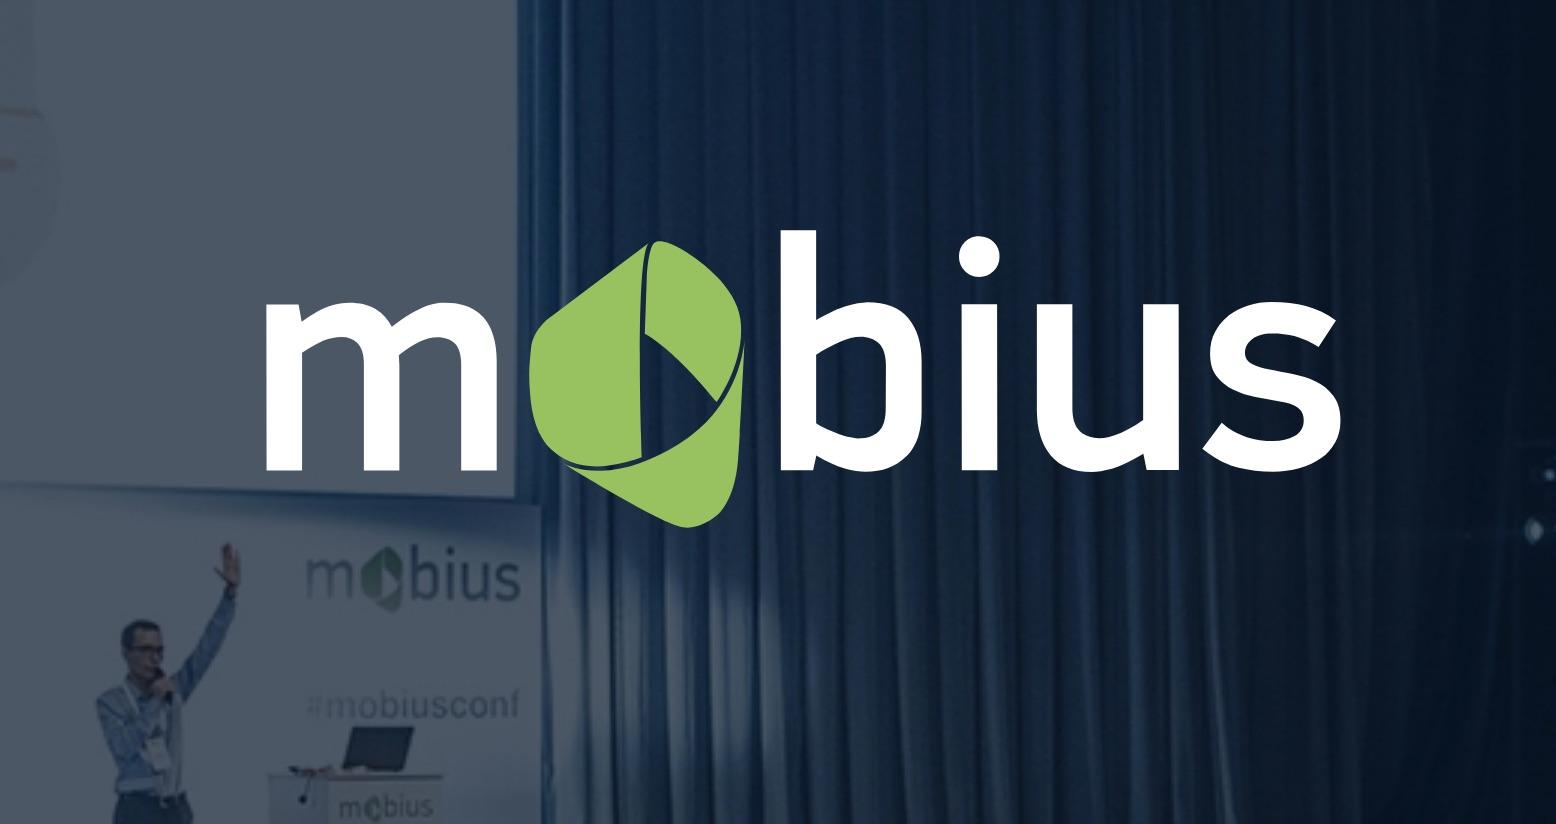 Mobius 2019 Piter: бесплатная онлайн-трансляция и всё остальное